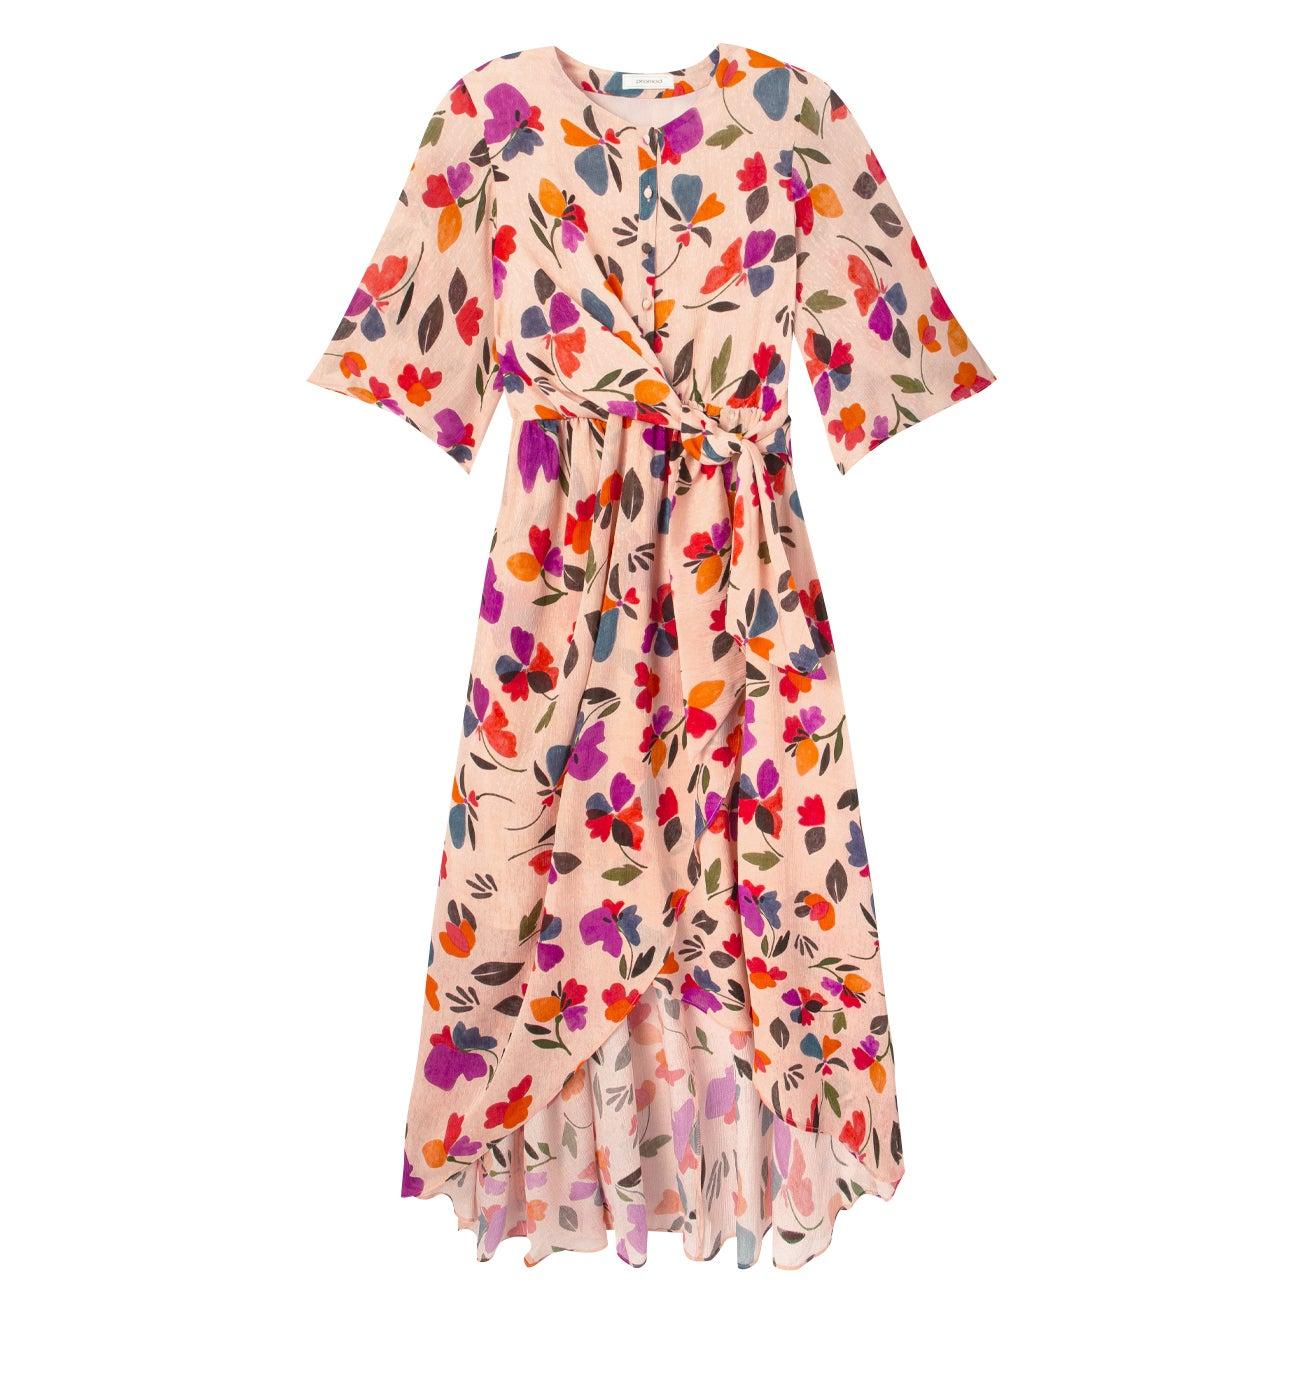 Robe fleurie femme